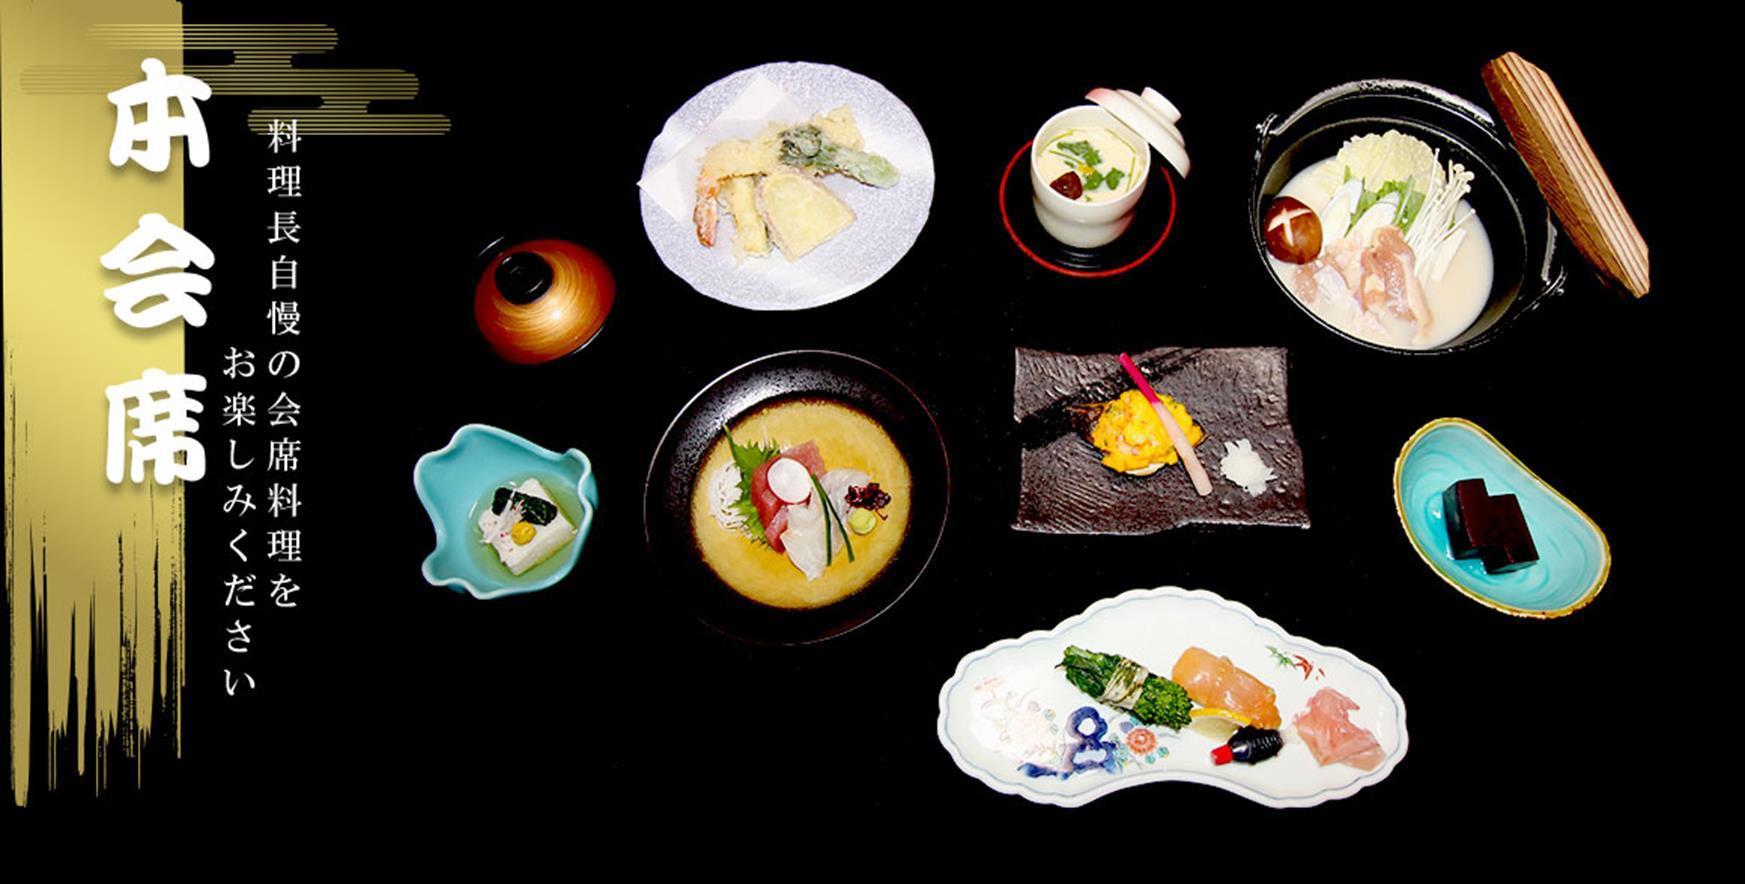 本会席3,000円コース 料理長自慢の会席料理をお楽しみください